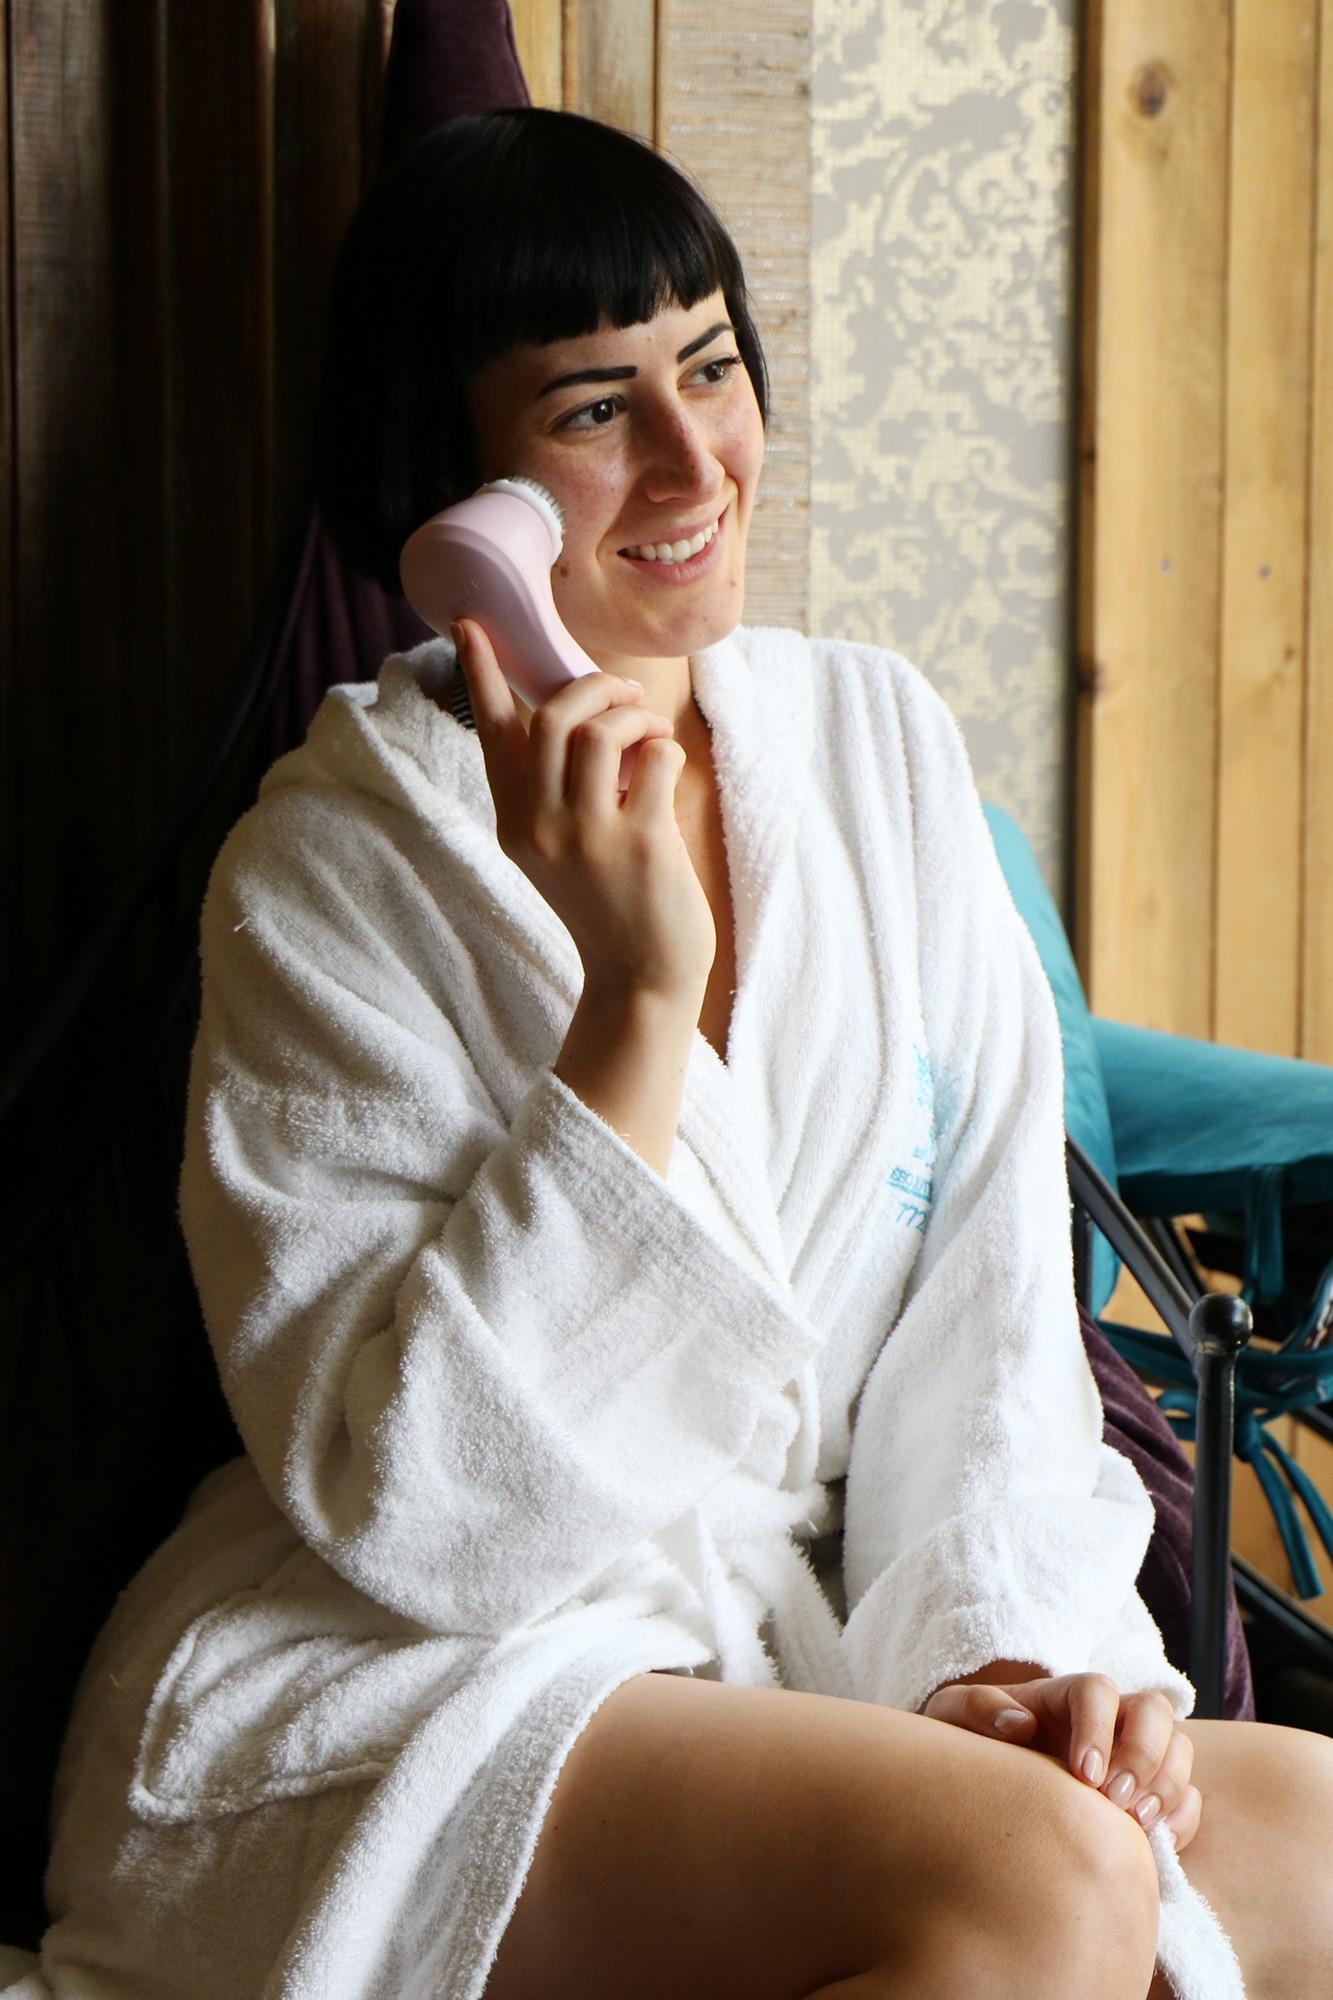 spazzola pulizia viso a ultrasuoni